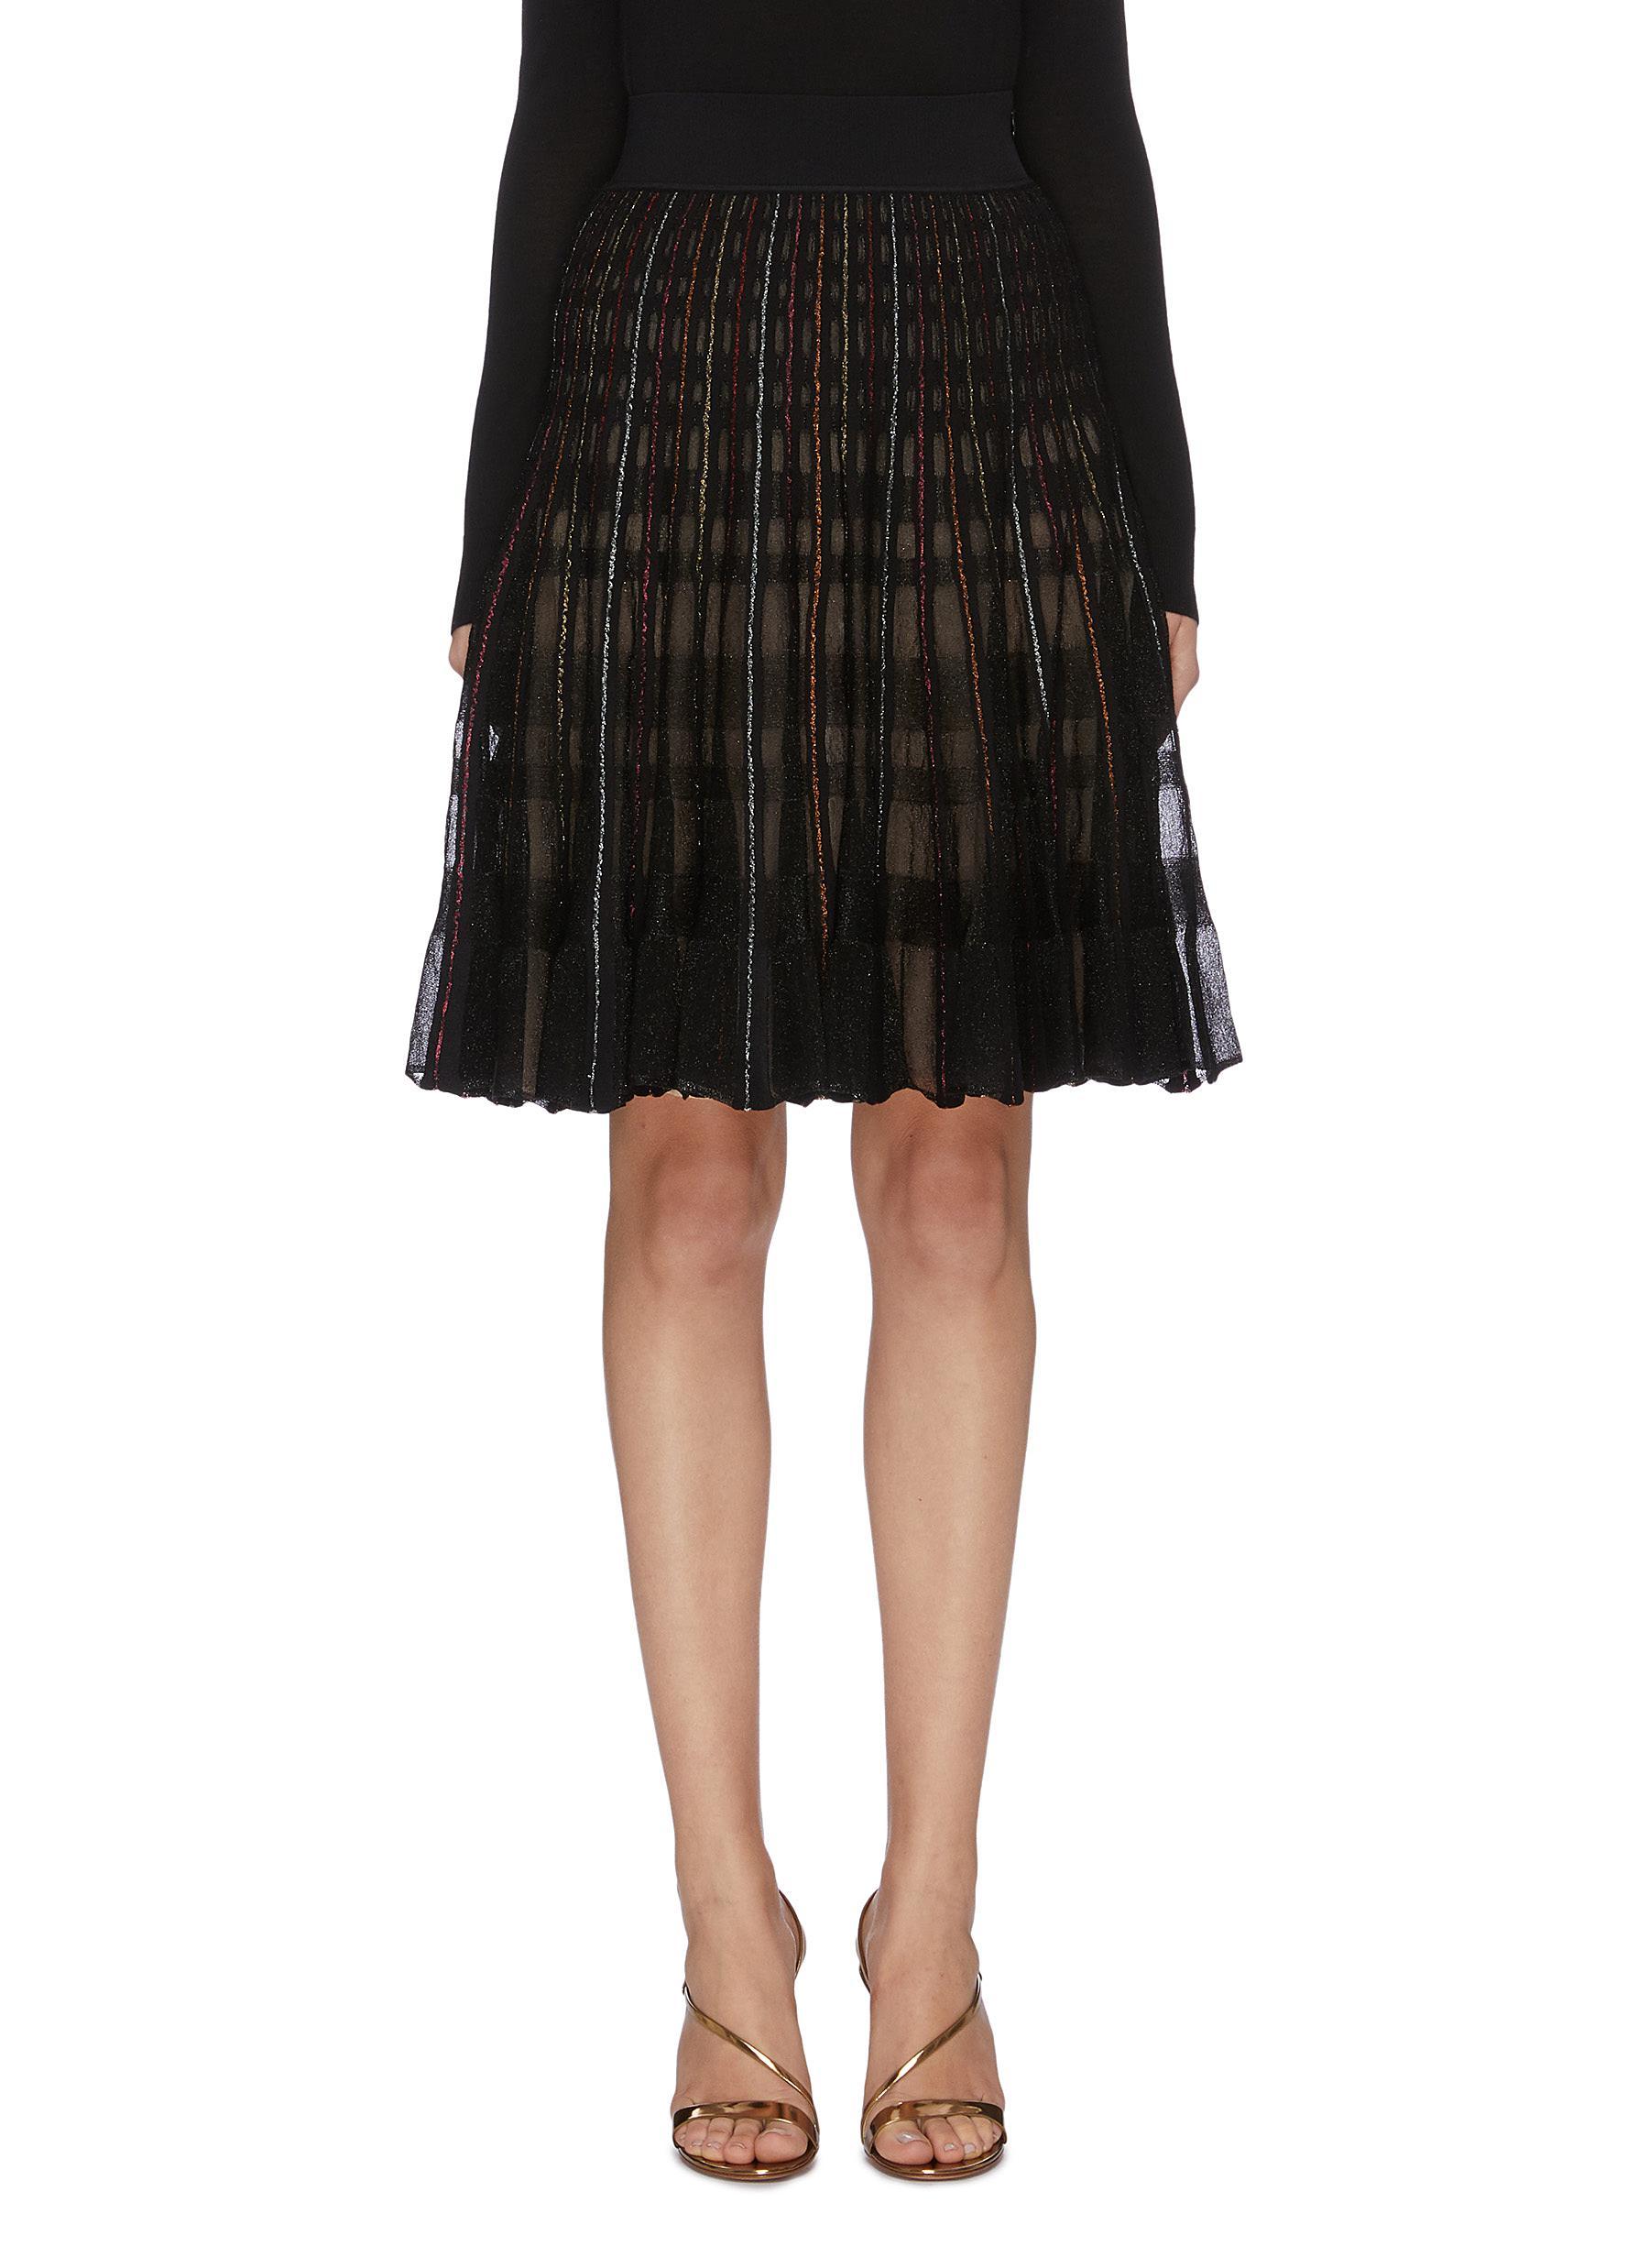 Metallic check knit skirt by Alexander Mcqueen